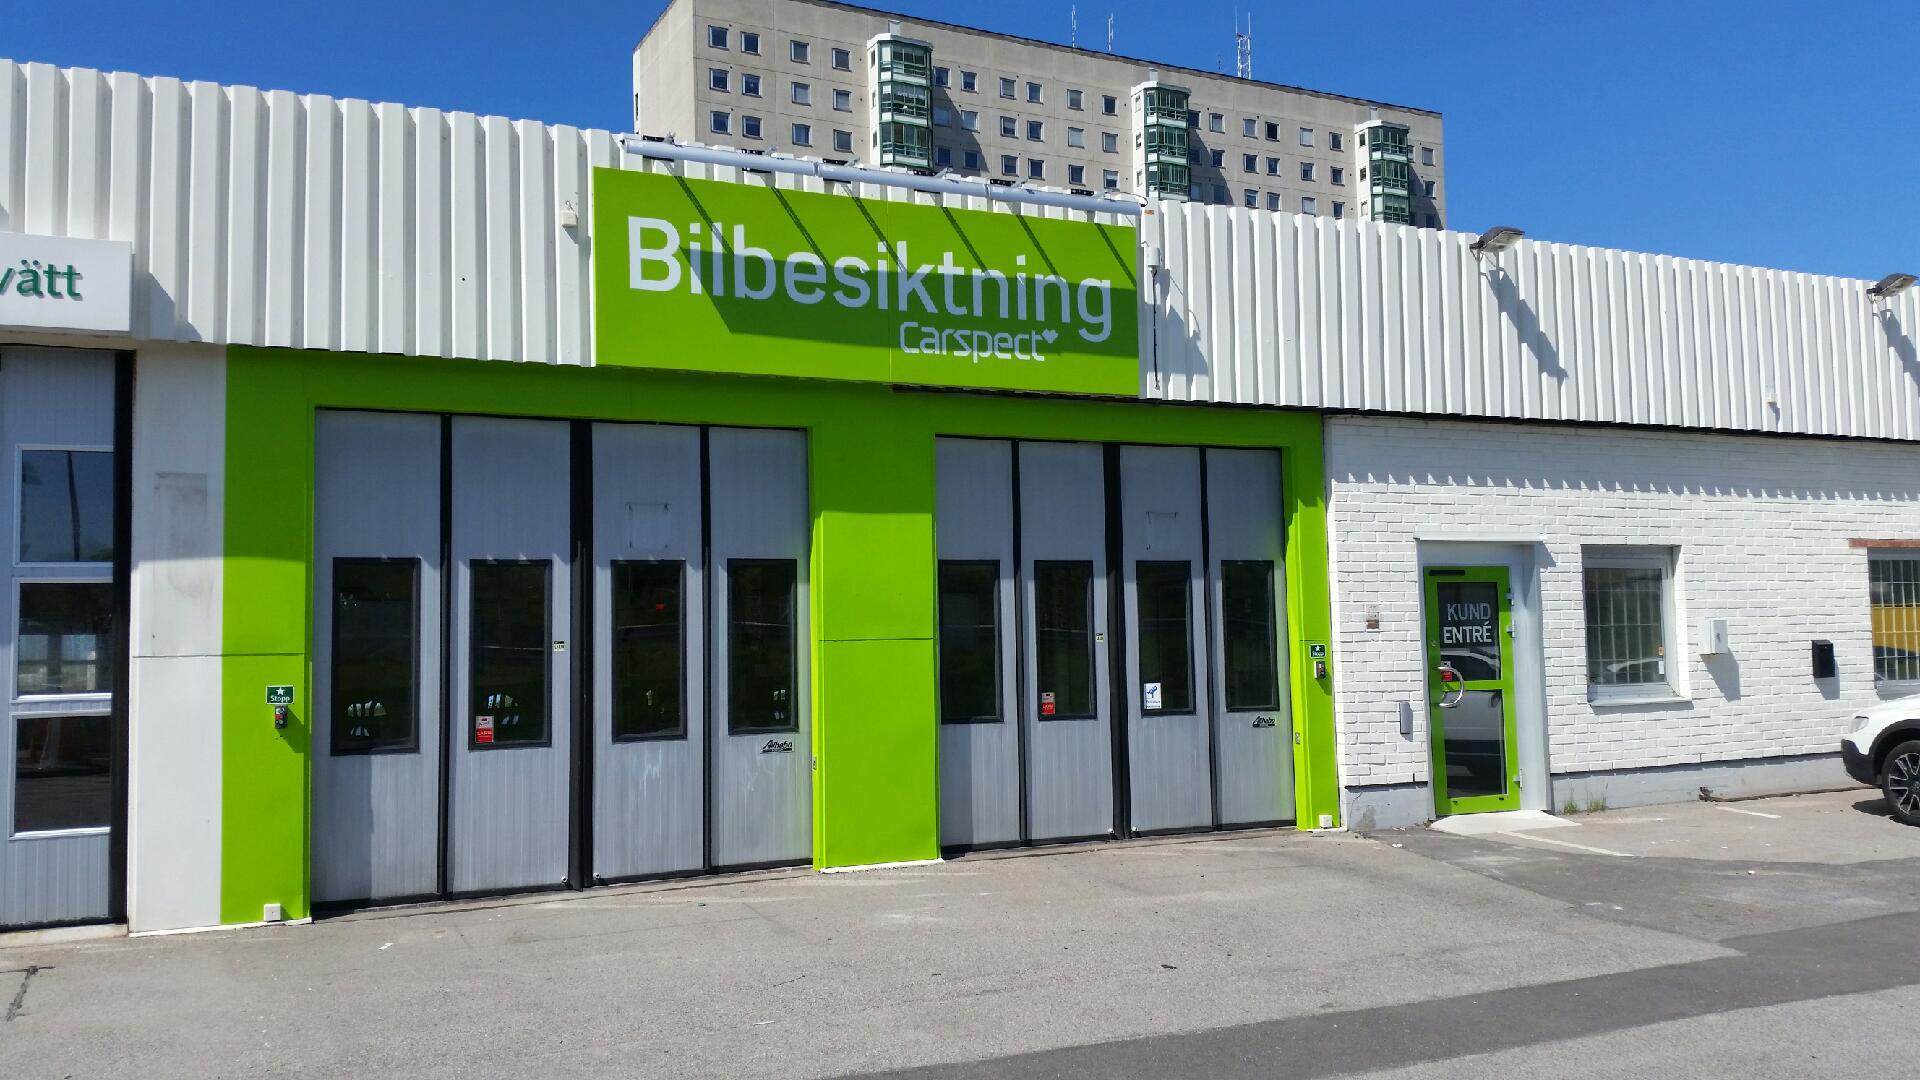 Carspects besiktningsstation i Rosengård, Malmö